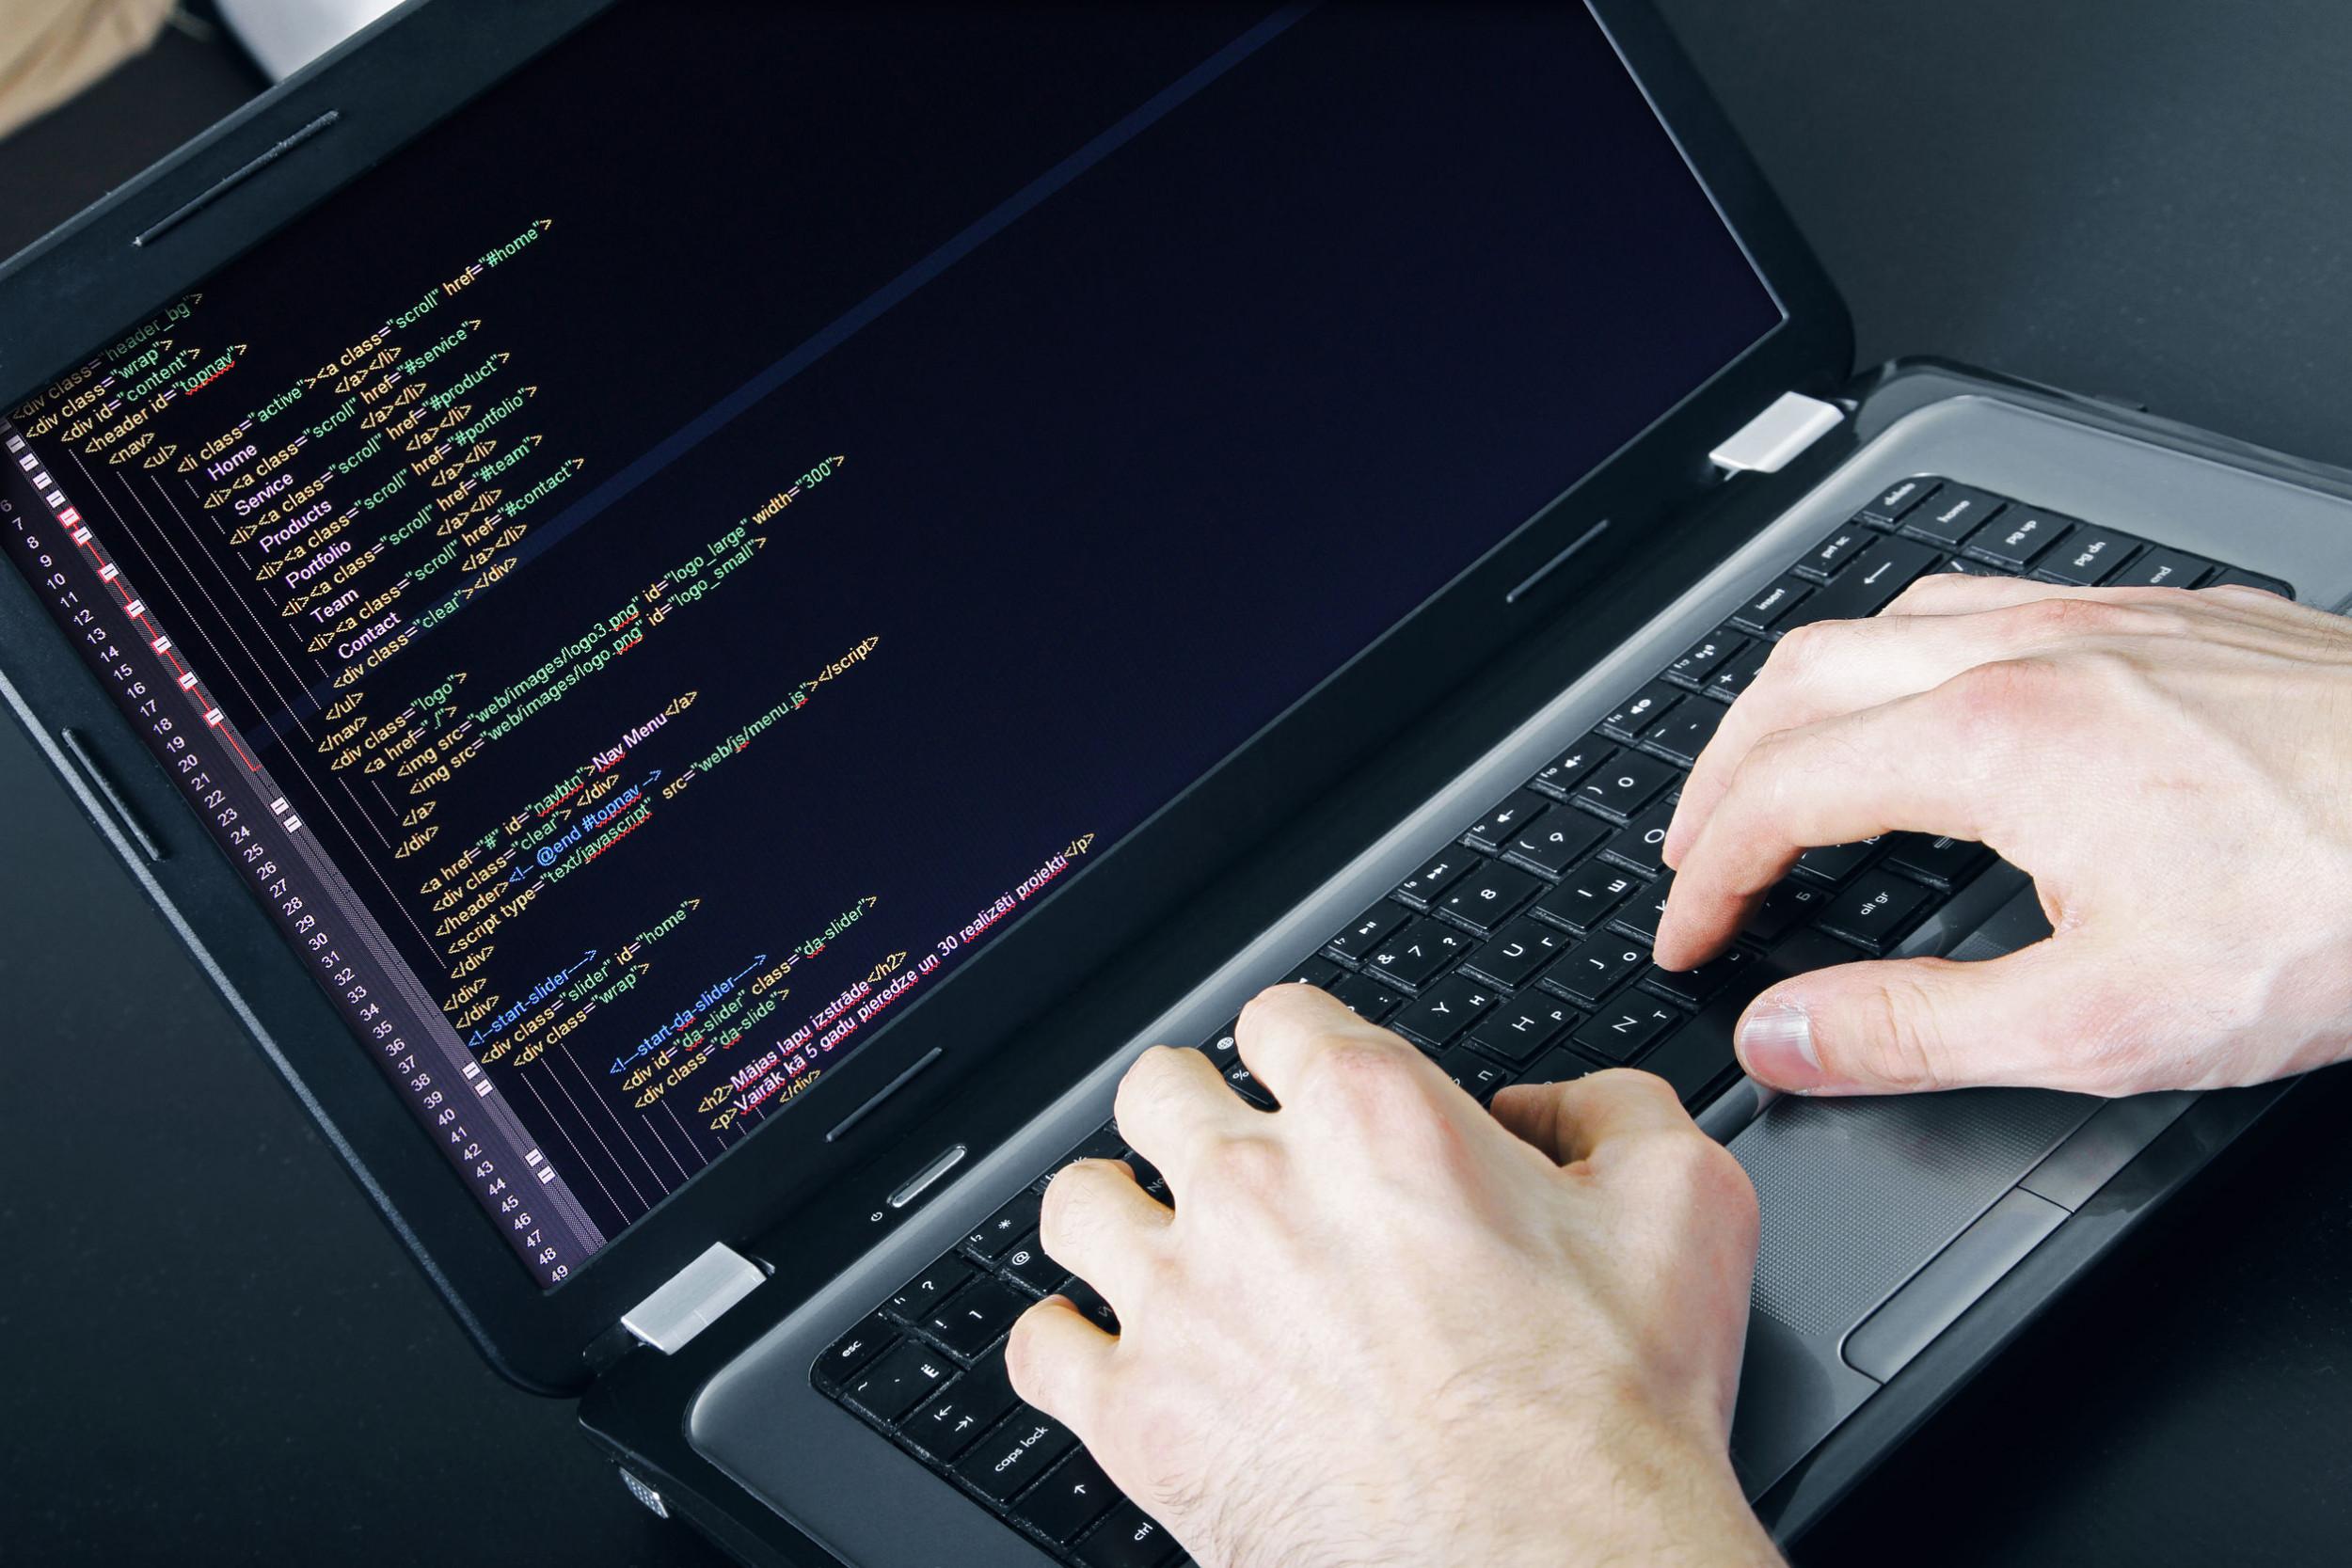 Хакеры продвижение сайта сайт продвижение турпродукта